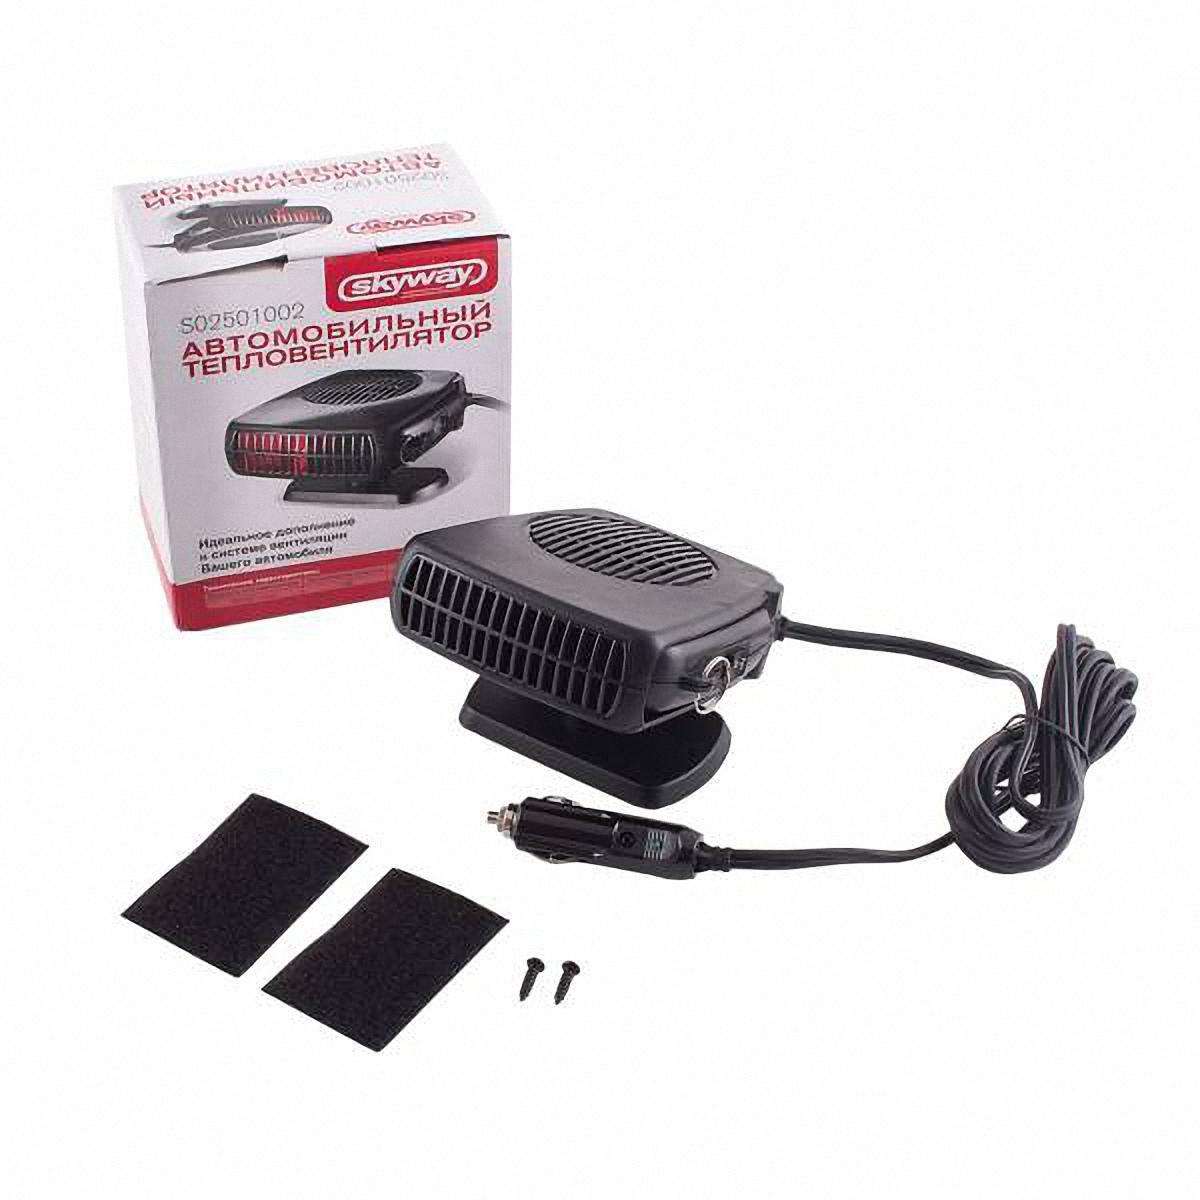 Тепловентилятор автомобильный Skyway. S02501002DW90Тепловентилятор Skyway предназначен для прогрева салона автомобиля. Незаменимый прибор в зимнее время. Способствует быстрому оттаиванию замерзших стекол. Идеальное дополнение к системе вентиляции вашего автомобиля. Особенности:- Очищает лобовое стекло от наледи.- Летом может использоваться в качестве вентилятора.- Корпус устройства выполнен из керамики.- Надежная фиксация в салоне автомобиля с помощью клейкой ленты или шурупов.- Имеет вращающуюся основу.- Имеет практичную складную ручку.Технические характеристики:Входящаямощность: 12 V/12,5 А.Мощность тепловентилятора: 150 Ватт (max).Комплектация:- Тепловентилятор;- Основа под тепловентилятор;- Инструкция по эксплуатации;- Шурупы - 2шт;- Лента для крепления - 1шт.